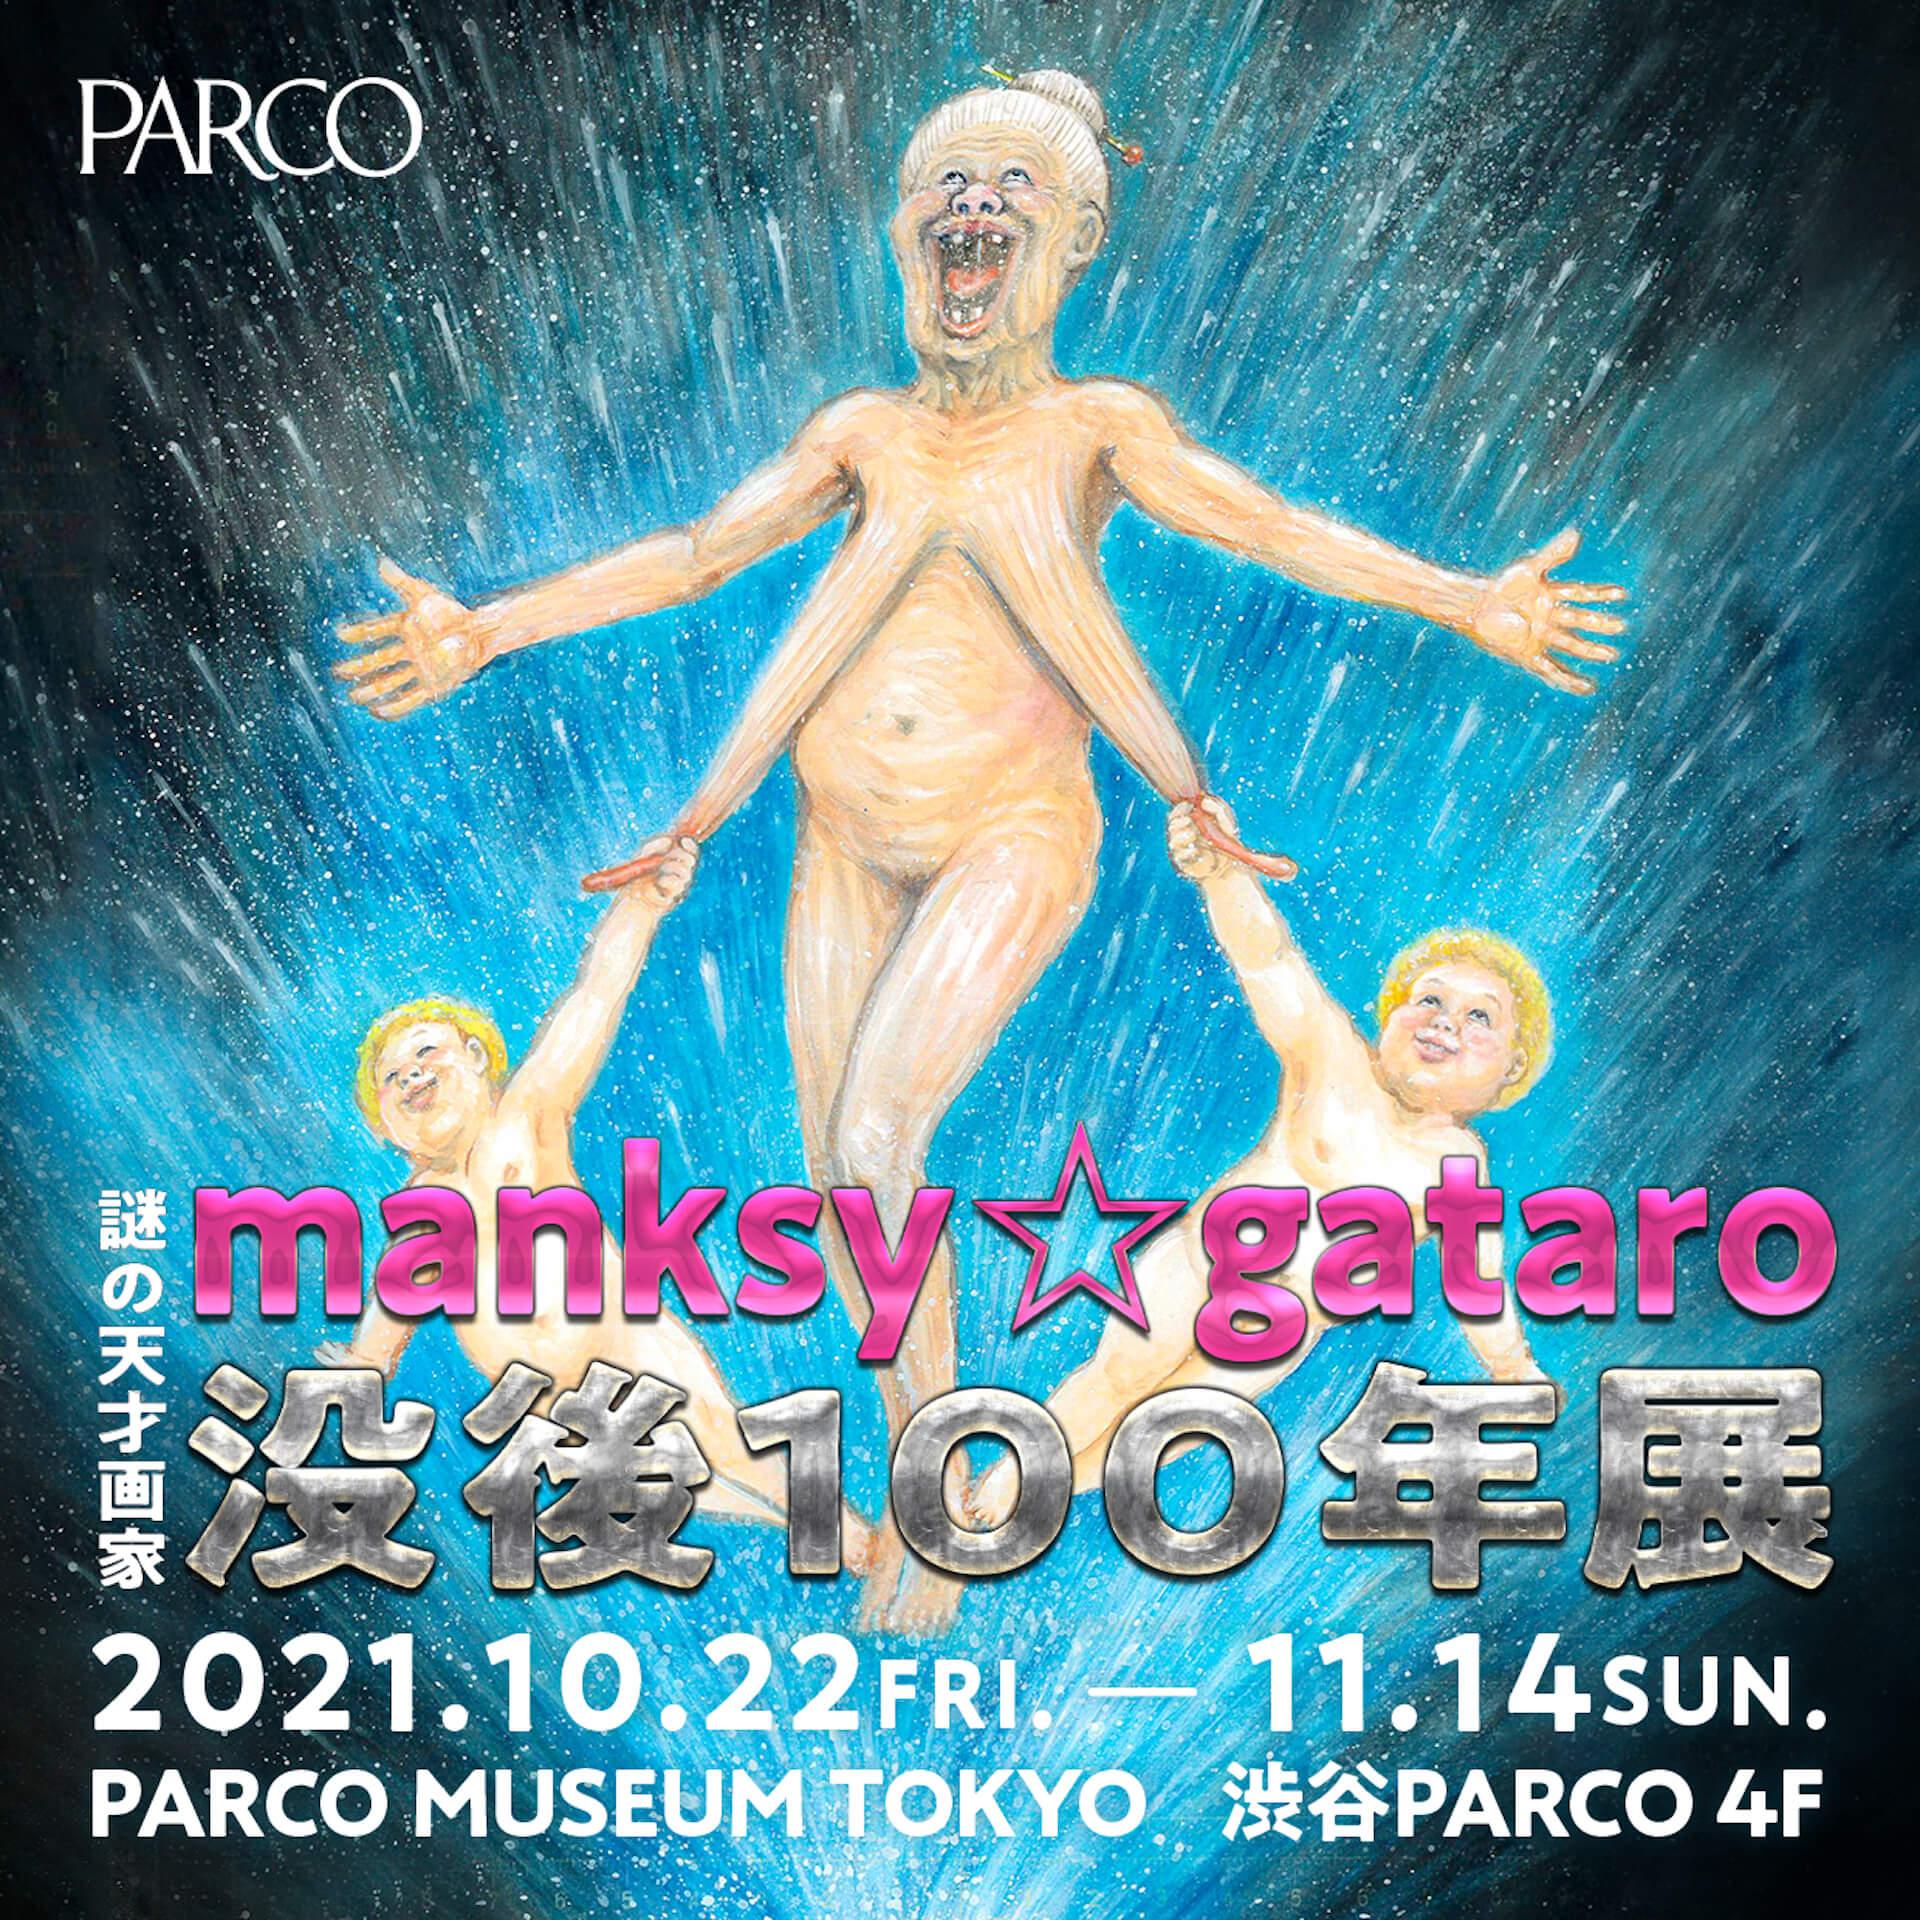 渋谷PARCOで謎の天才画家manksy ☆ gataro没後100年展が開催!記念グッズの販売やAR体験も art_211014_parco-main